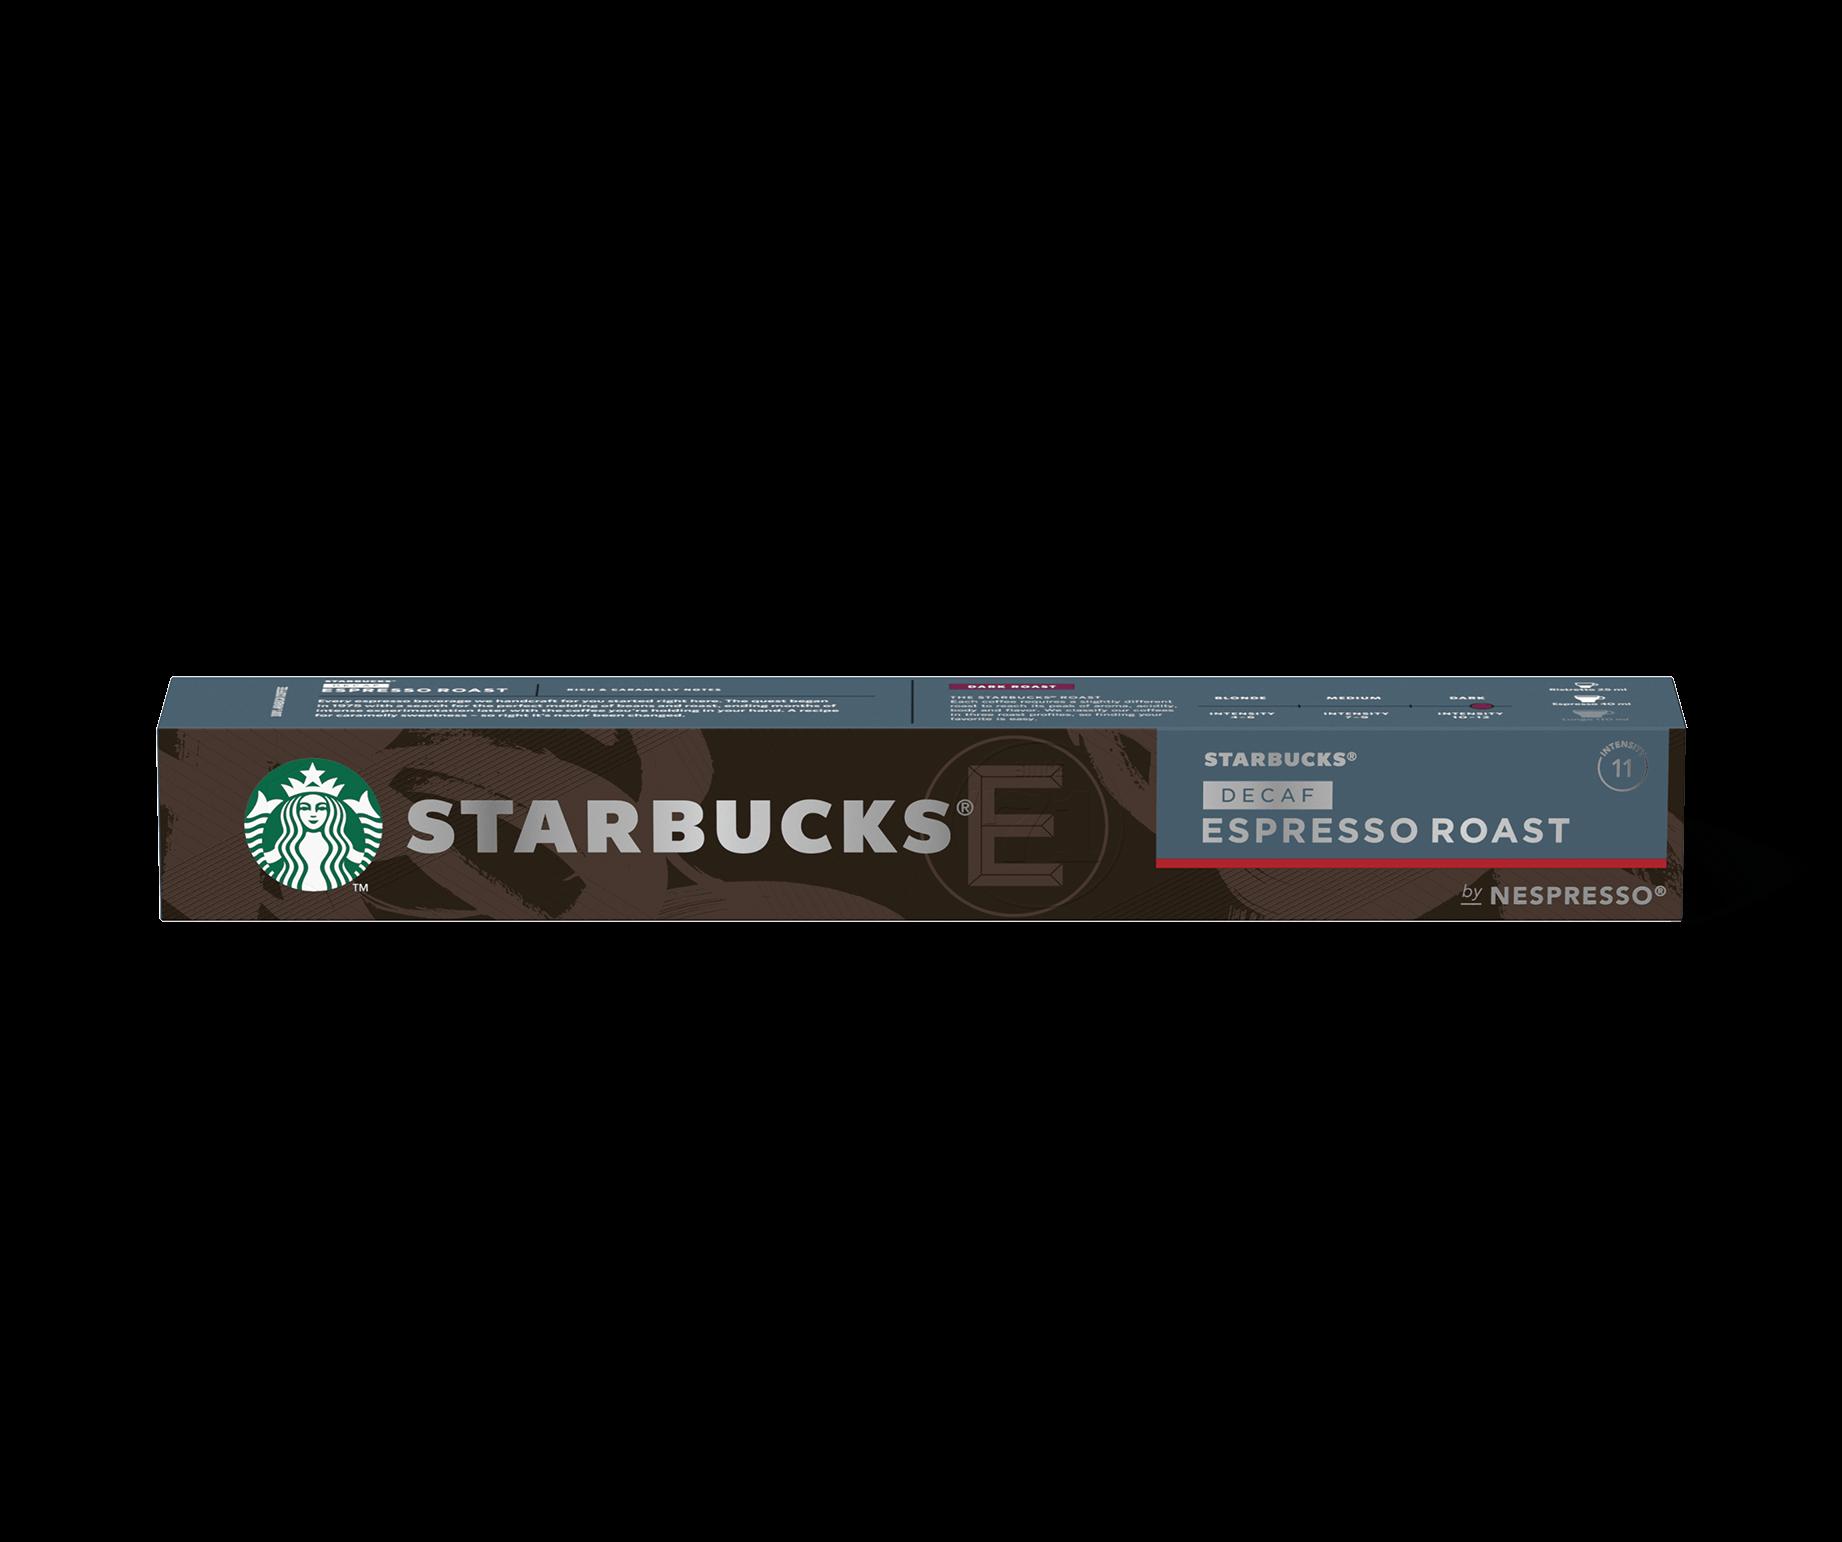 Confezione Capsule Starbucks Decaf Espresso Roast by Nespresso